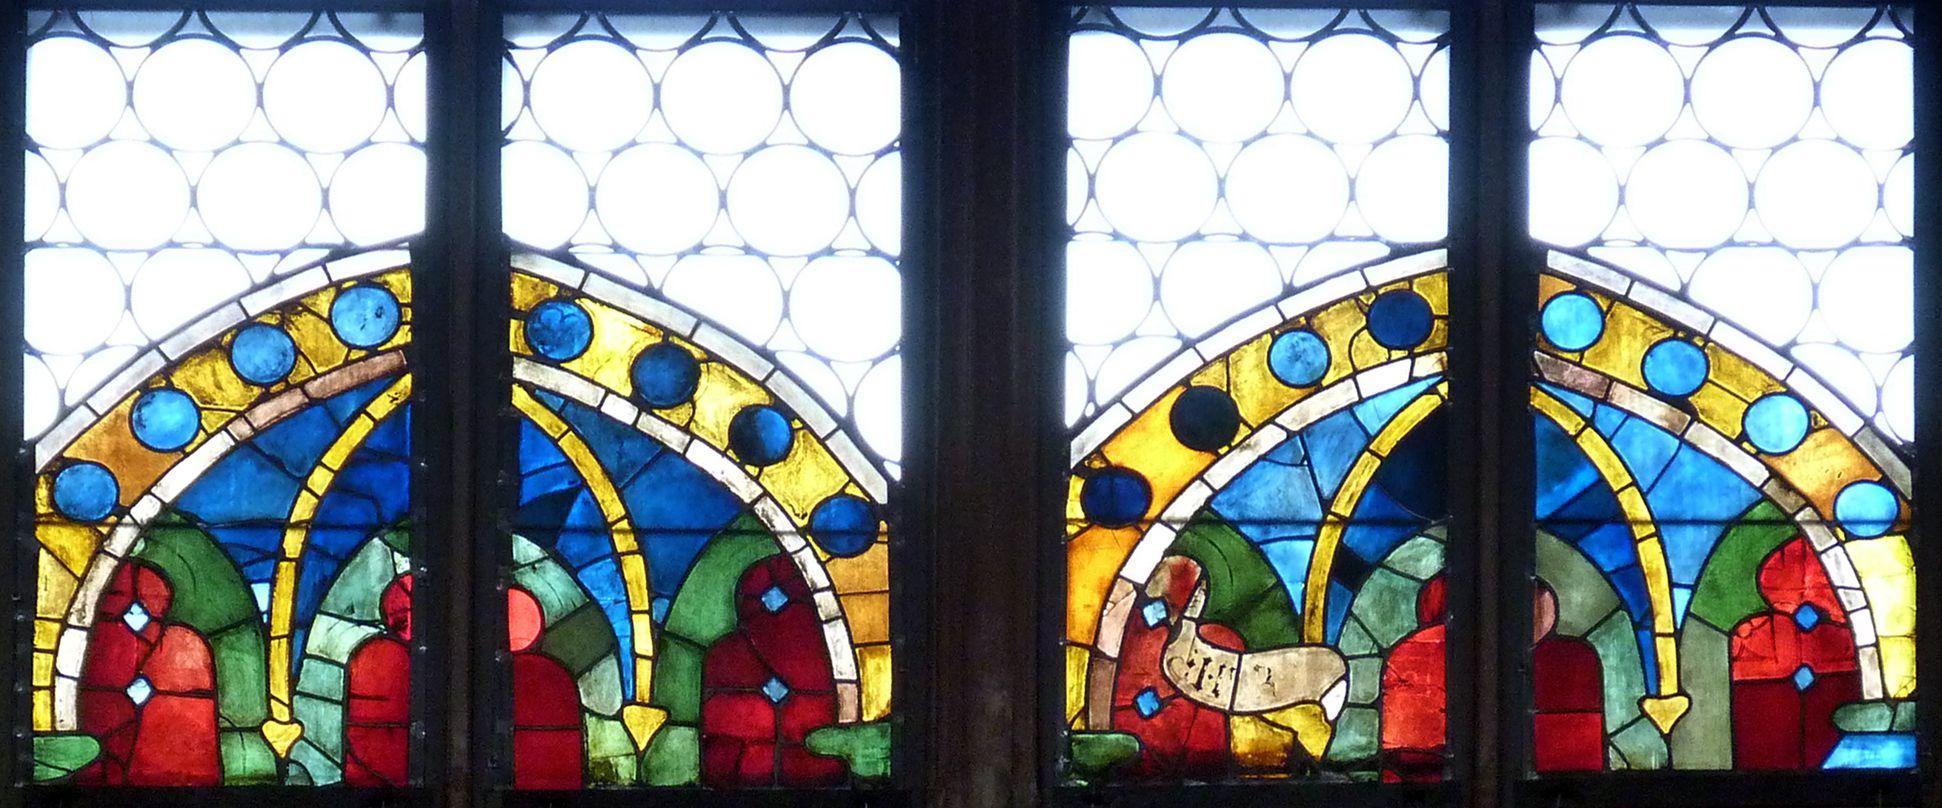 Tucher-Fenster Siebte Zeile, blaues Himmelsgewölbe